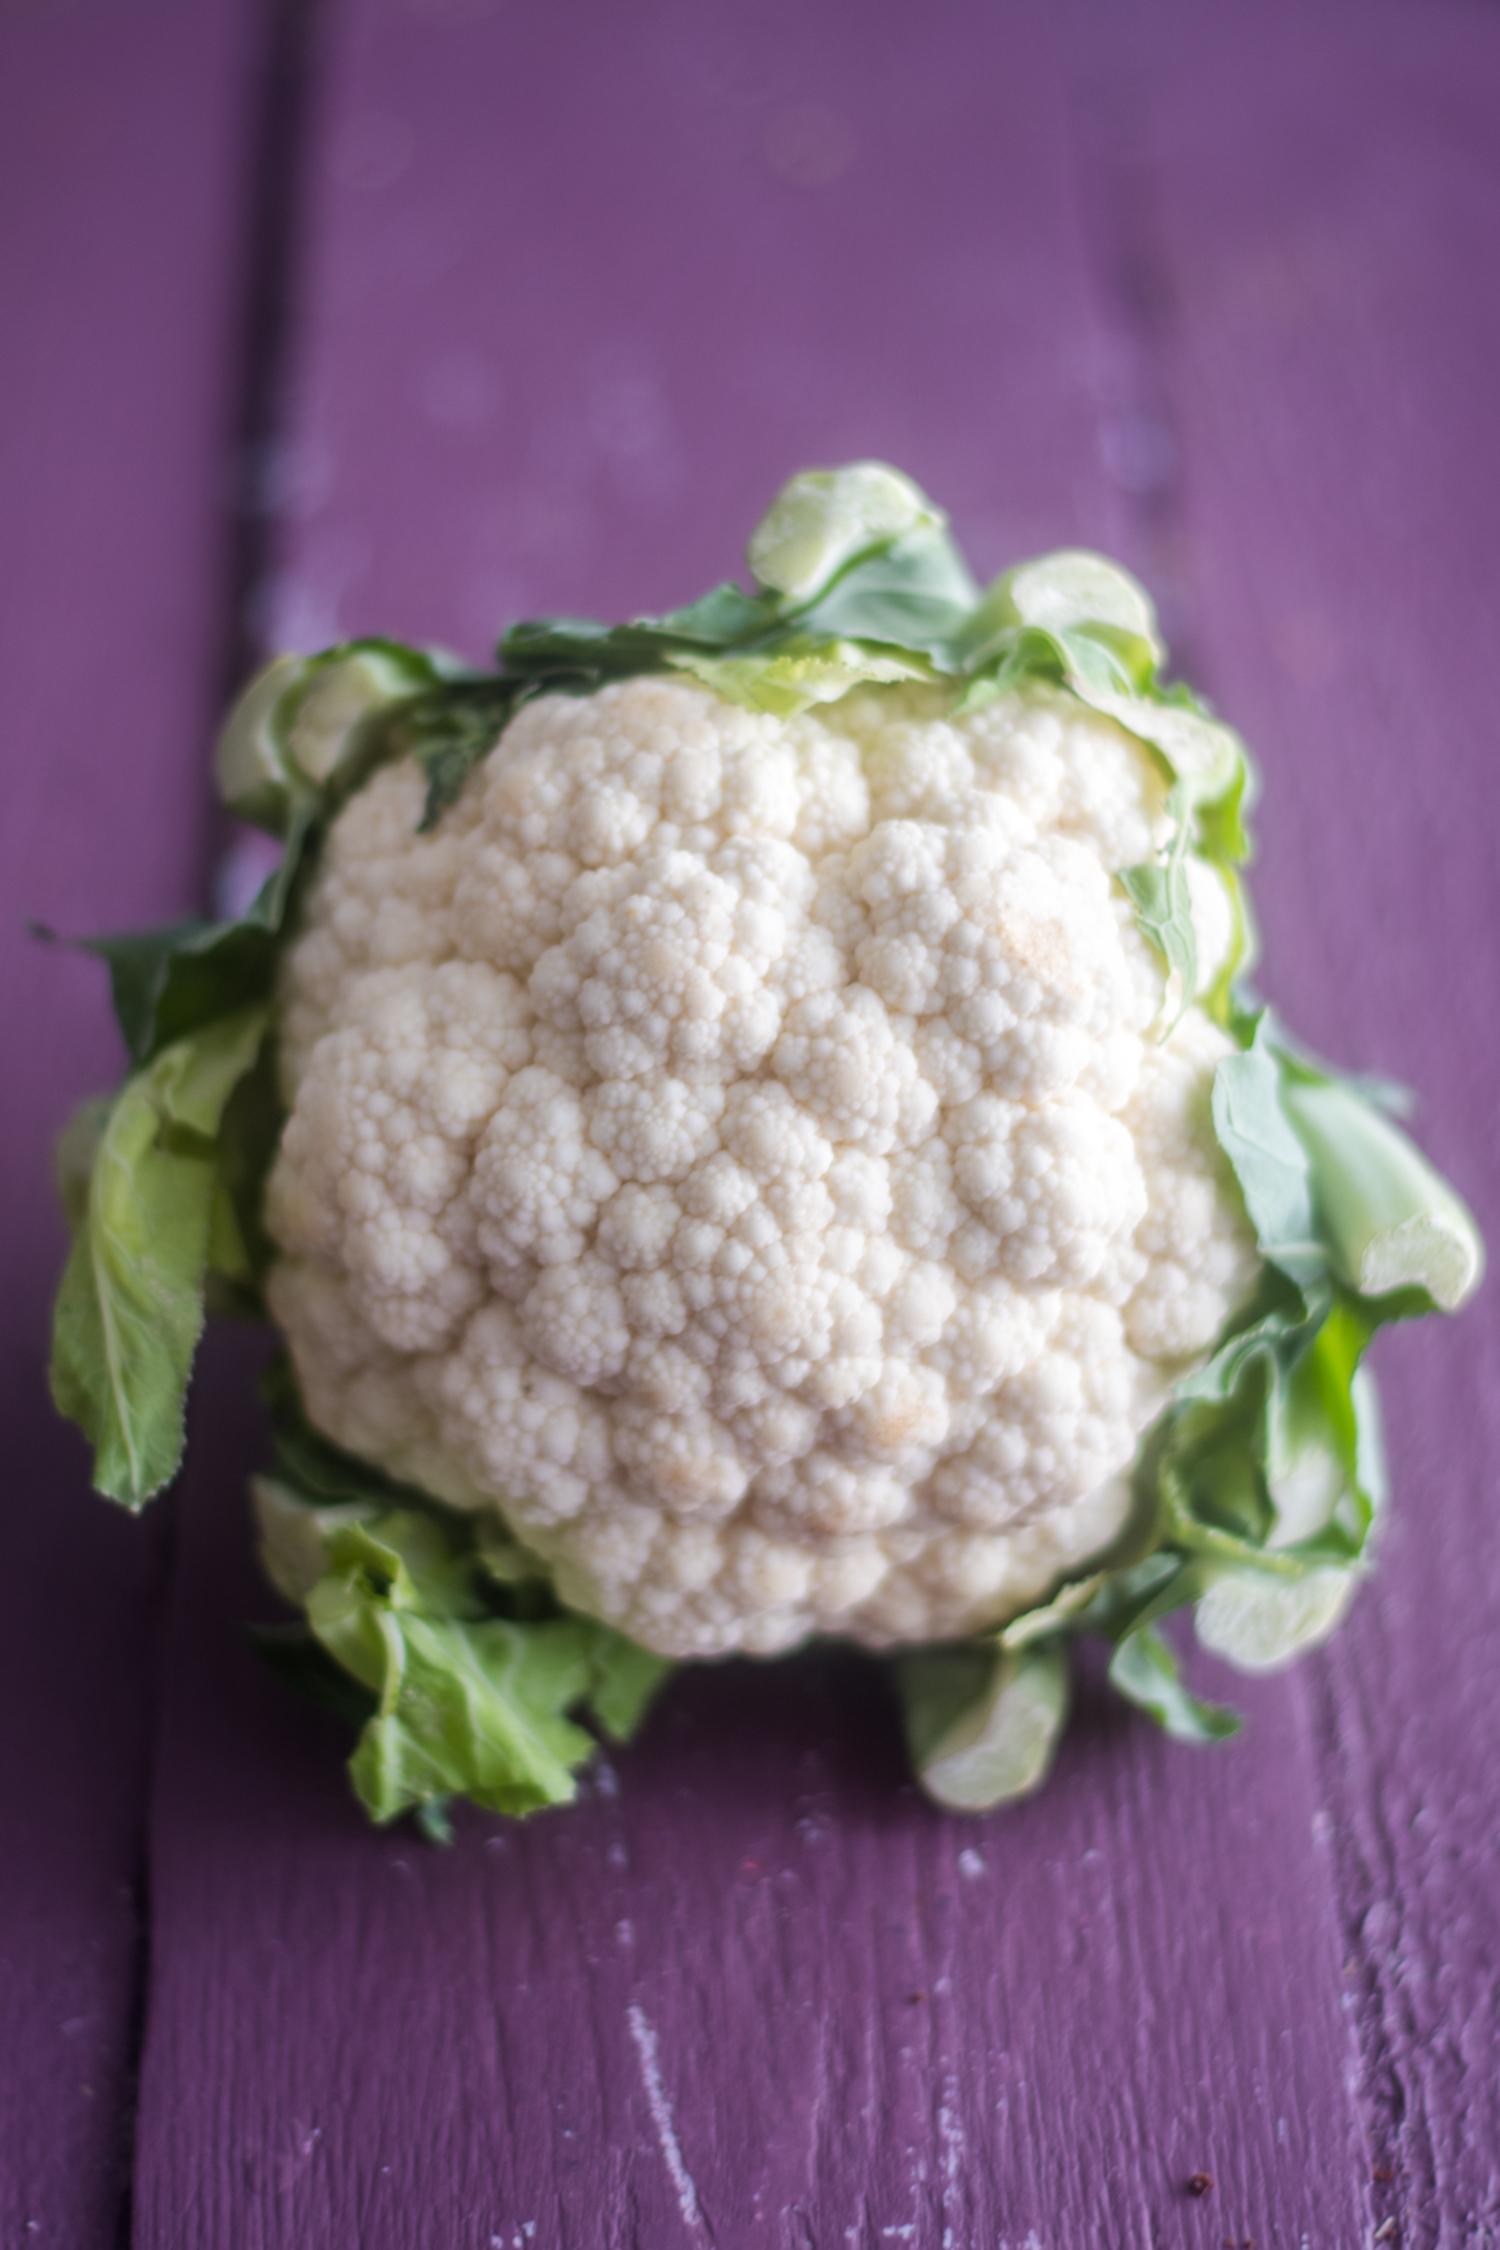 Cauliflower based pasta recipe.